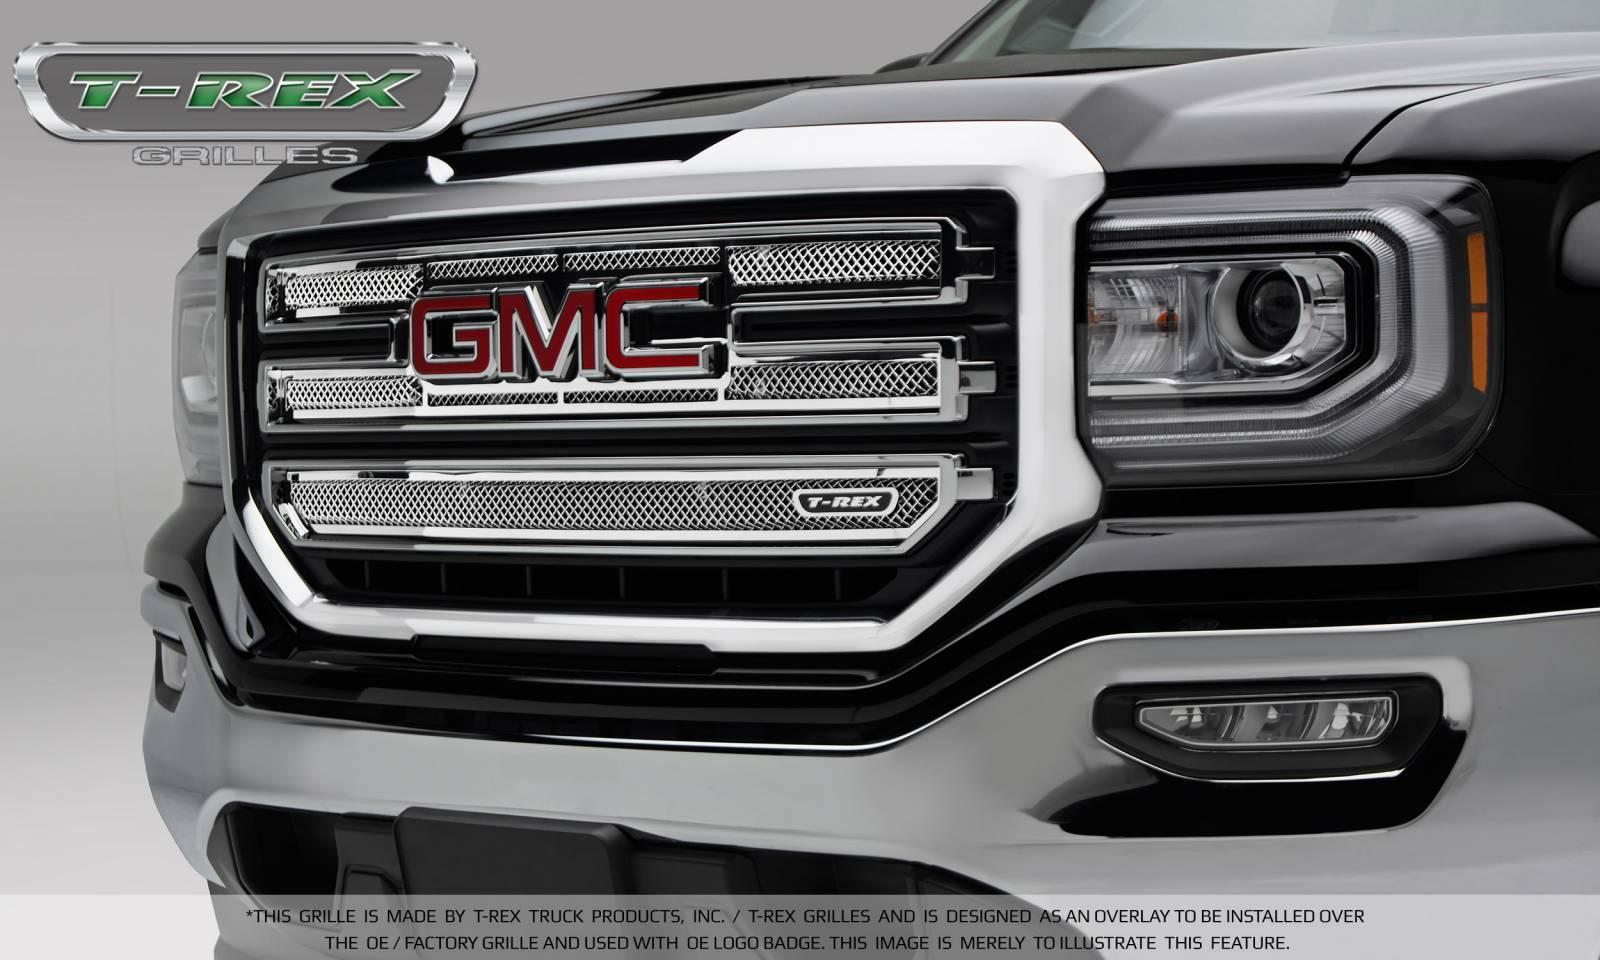 2017 Gmc Sierra 1500 Slt Reviews >> T-REX GMC Sierra 1500 - SLT - Upper Class Main Grille - 2 ...